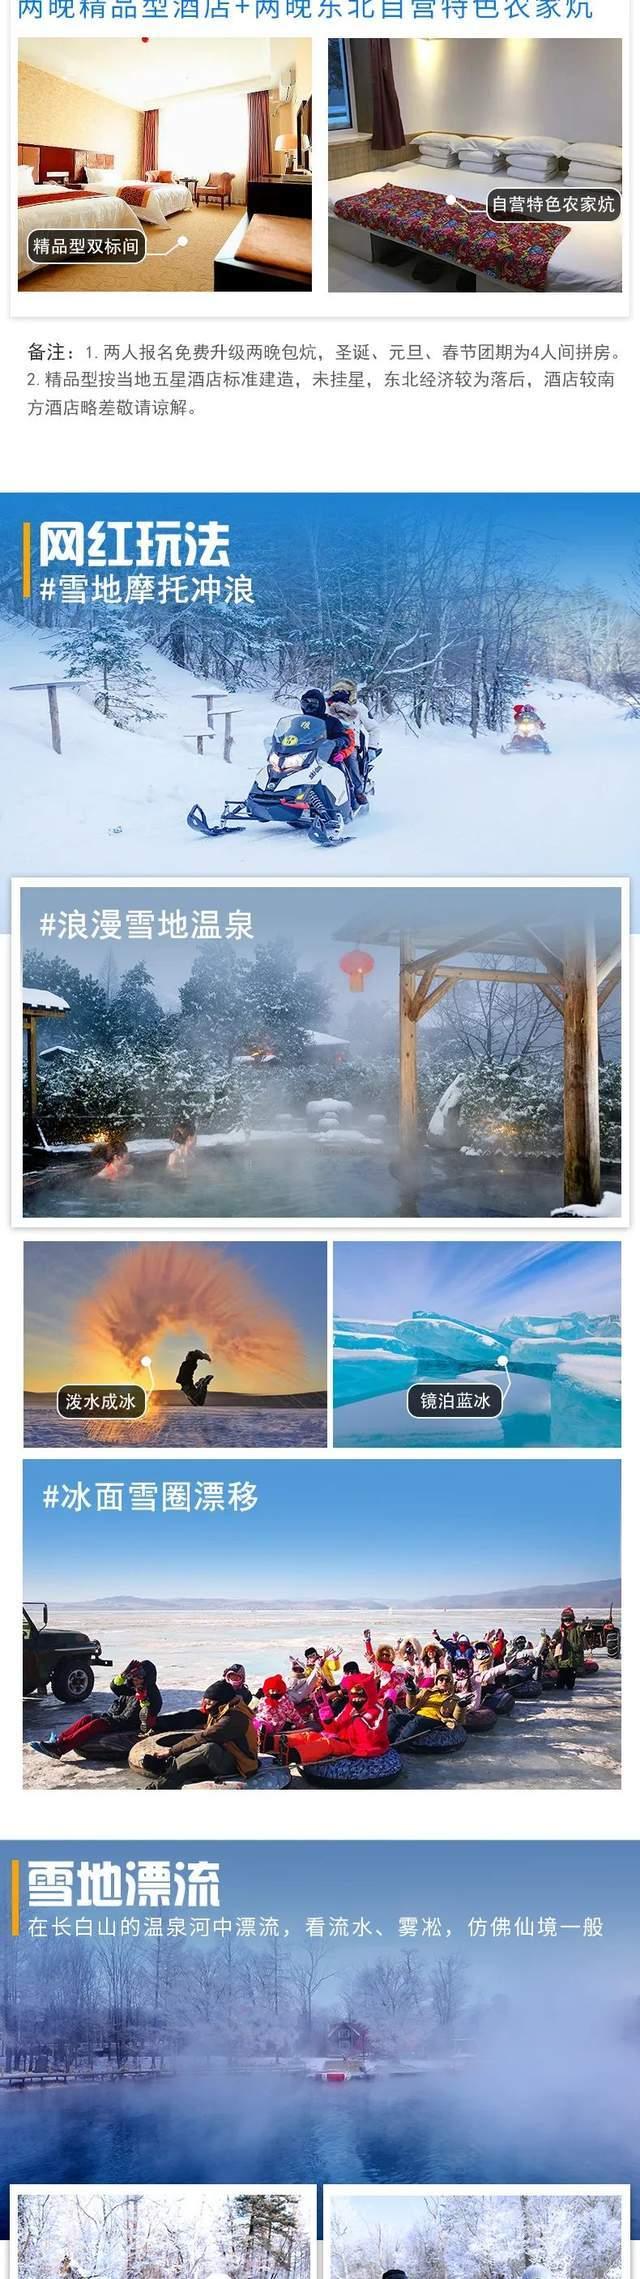 哈尔滨下雪美上热搜!全中国没有哪个地方能比东北更懂冬天!